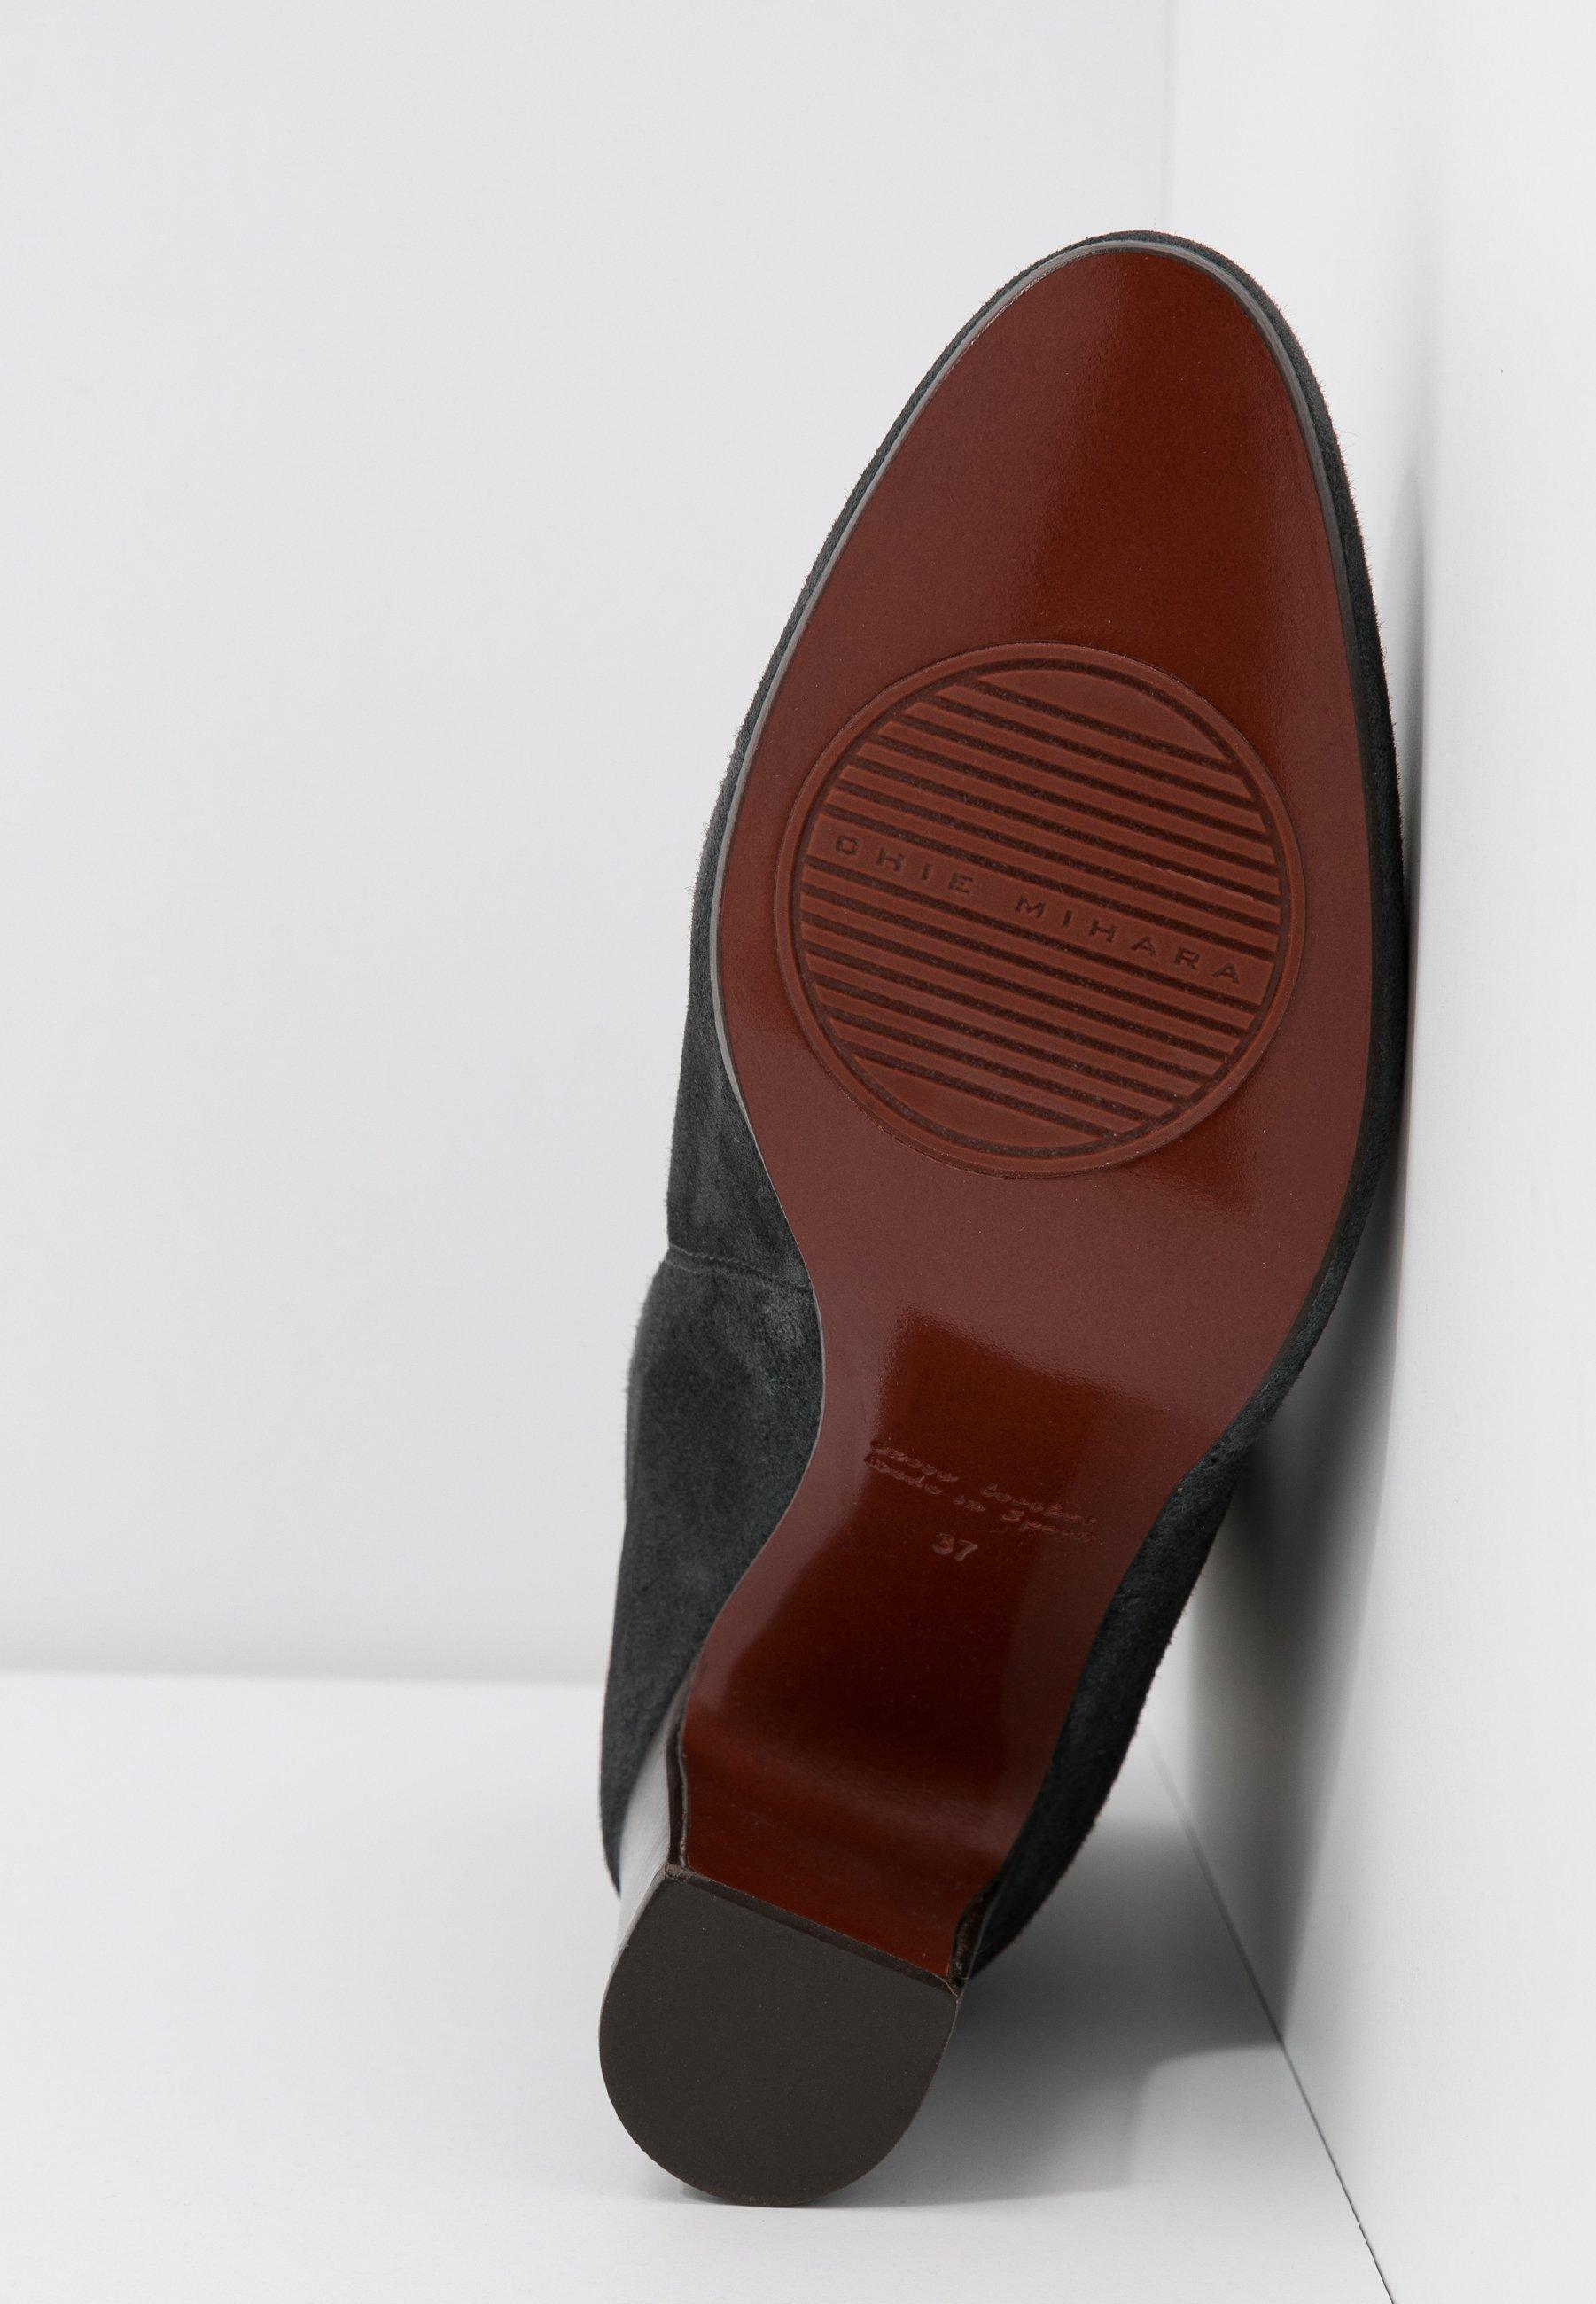 Chie Mihara ENISTA Stiefelette dark grey/dunkelgrau